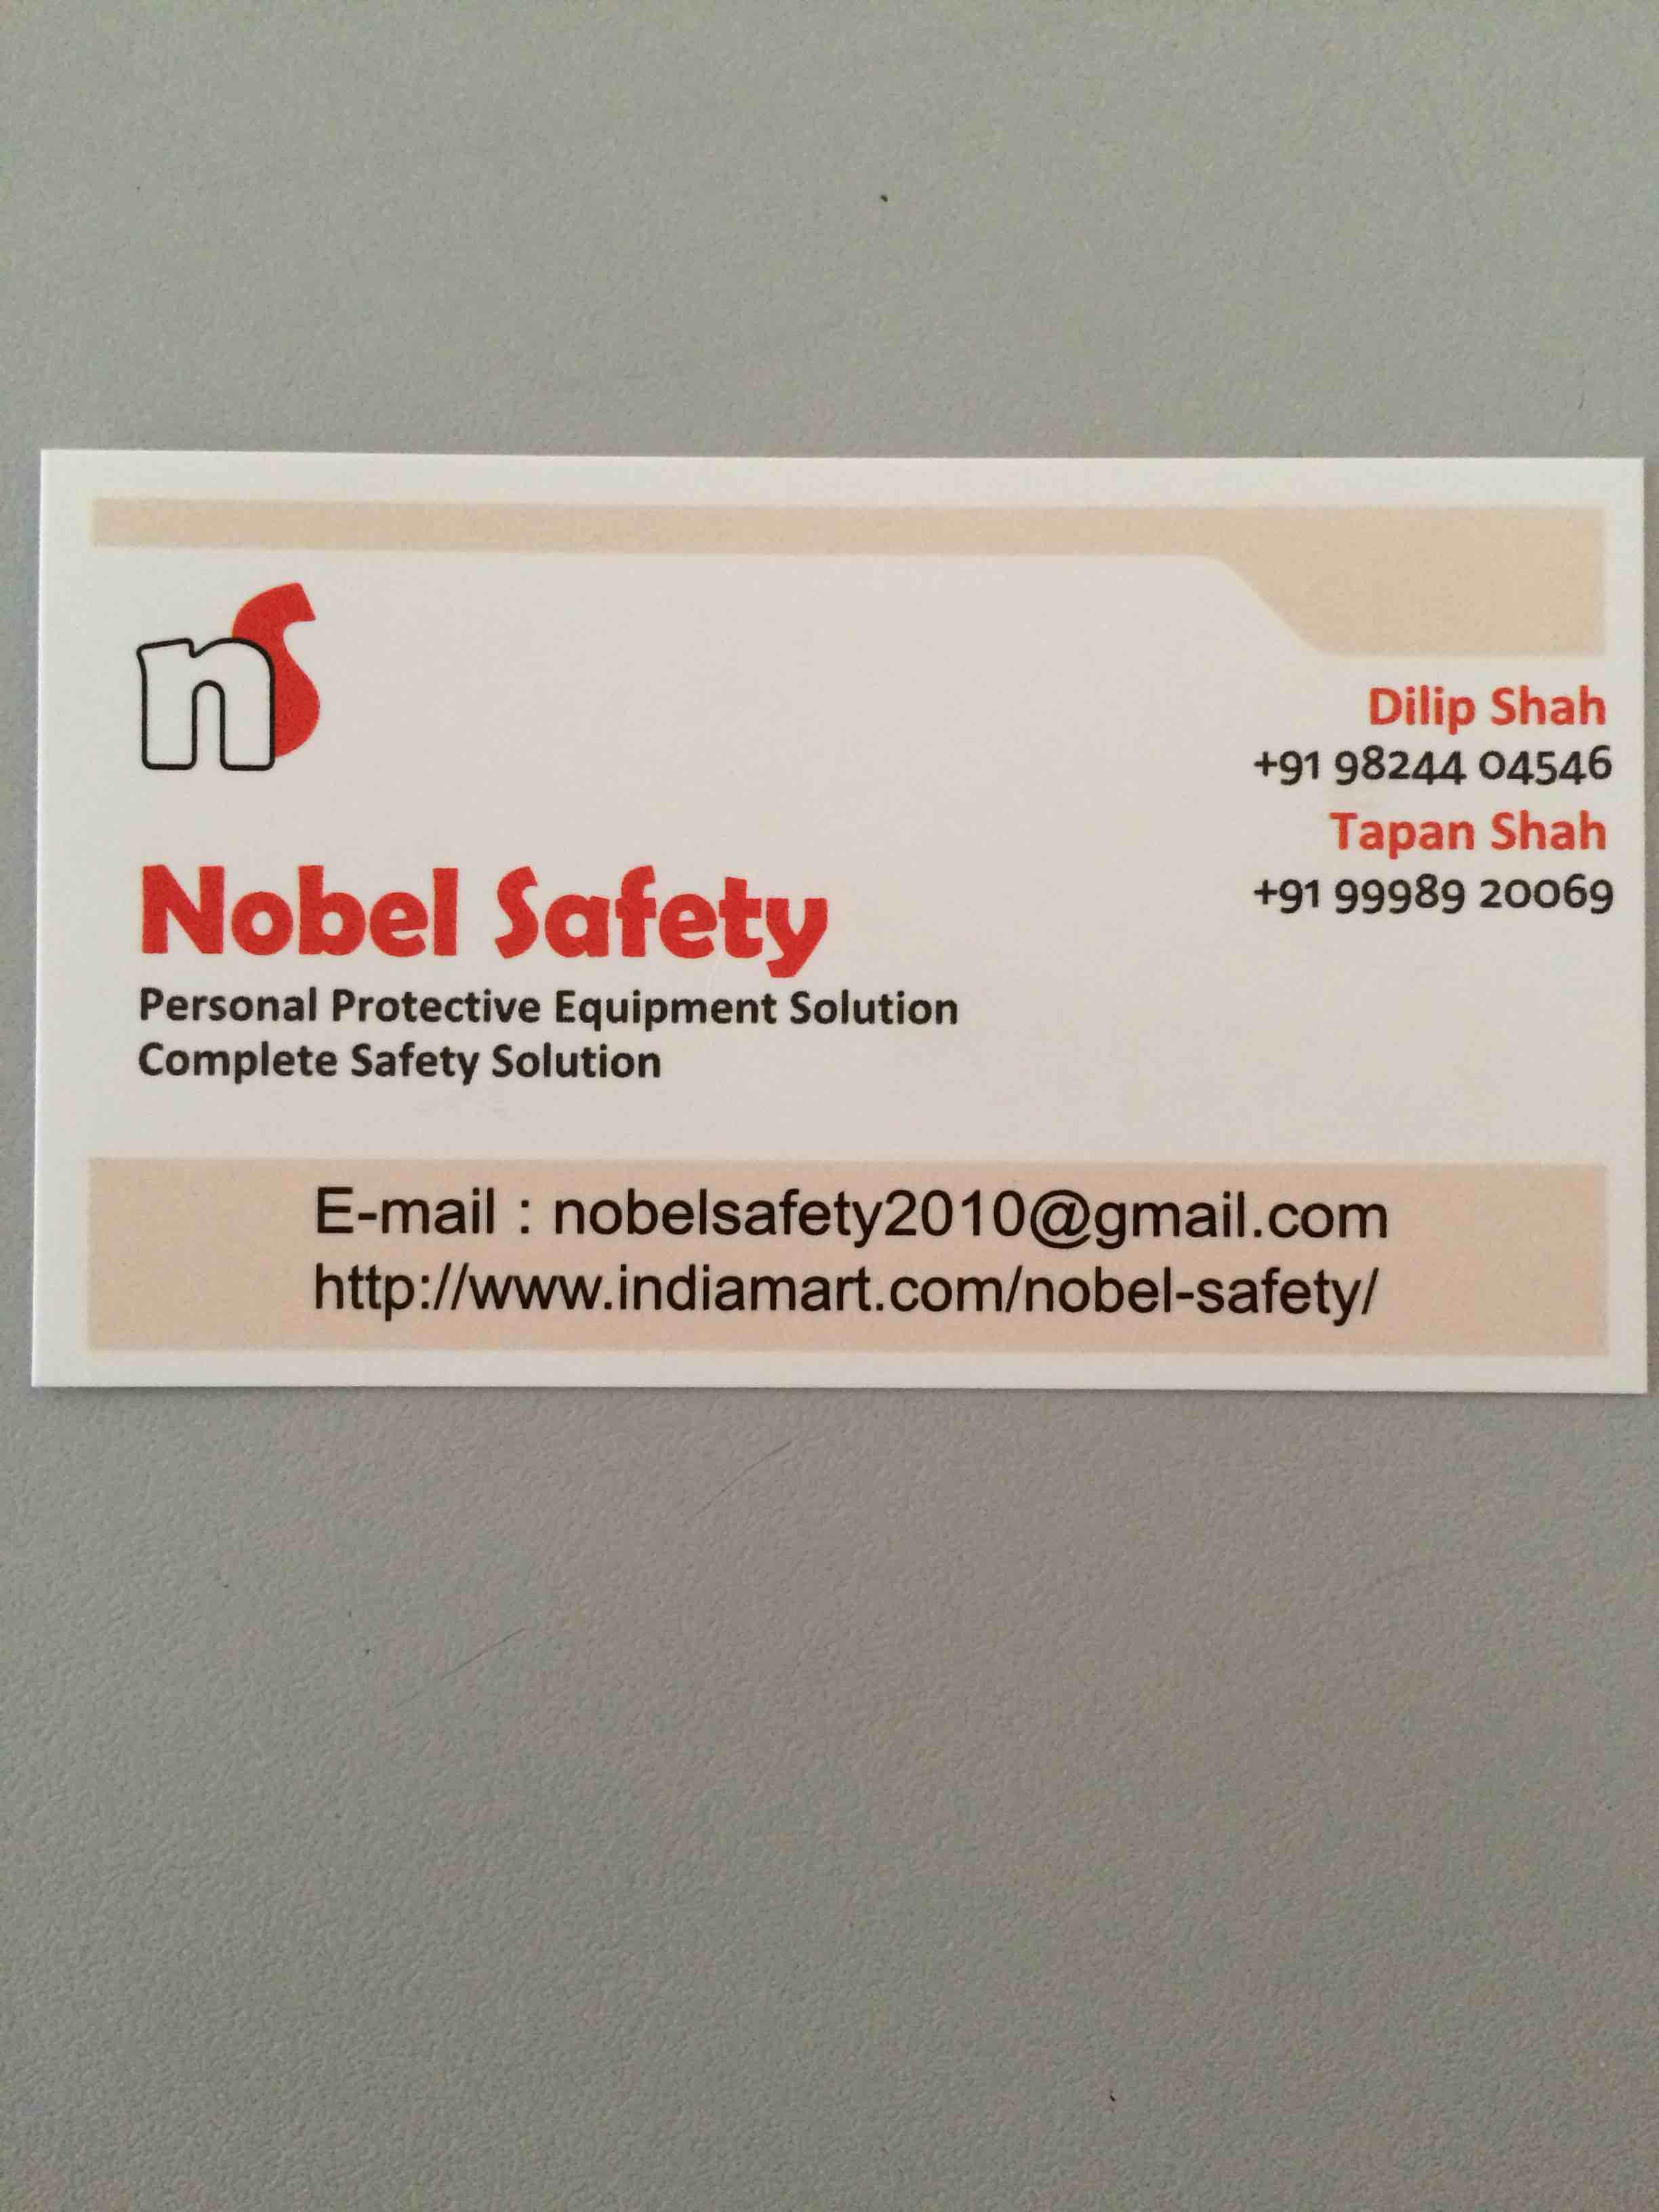 Nobel Safety